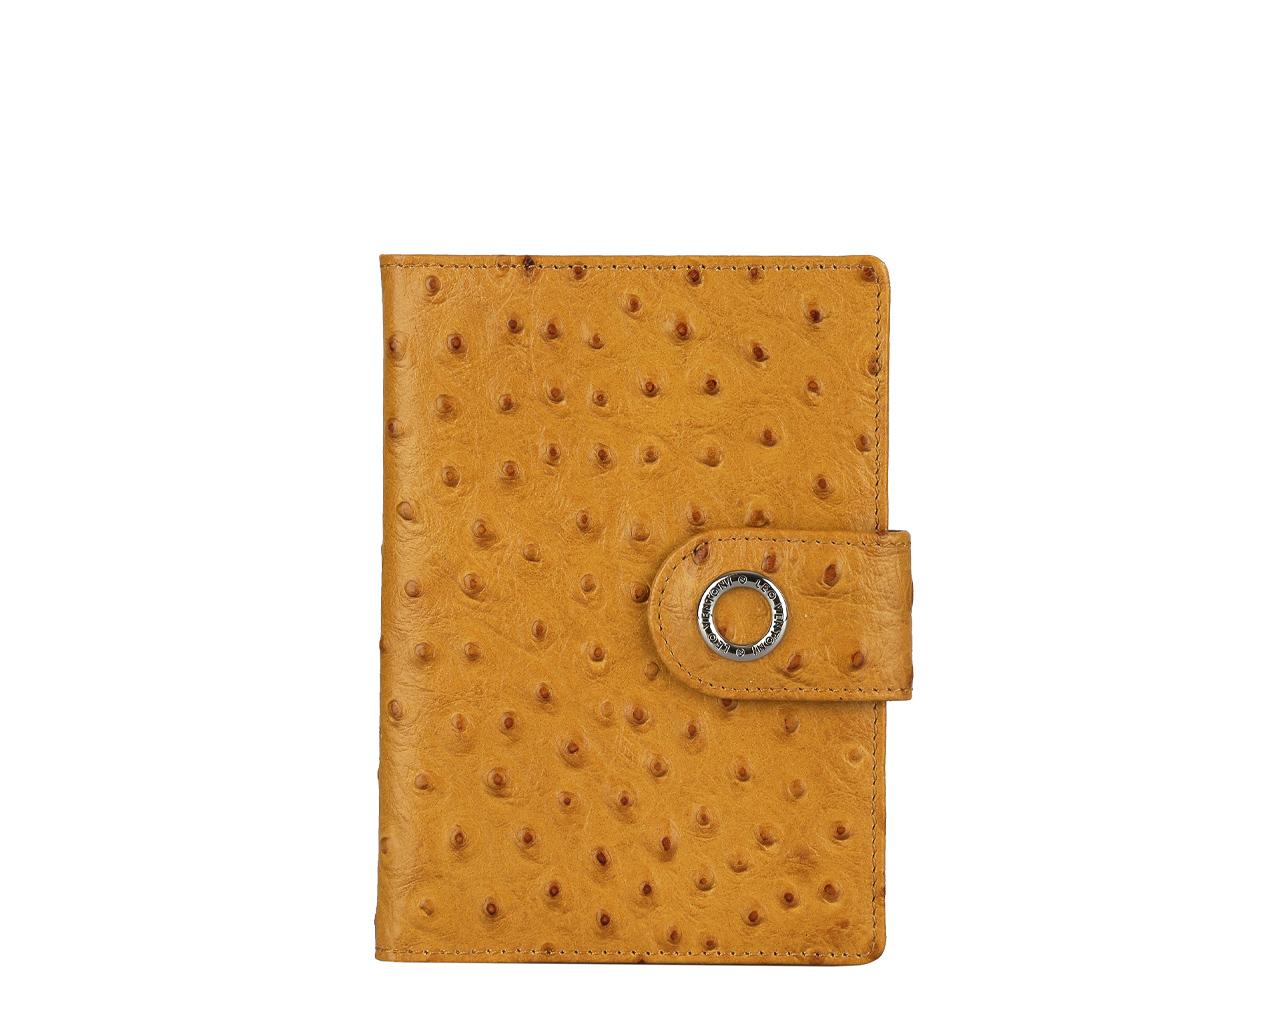 Обложка для паспорта женская Leo Ventoni, цвет: горчичный. L330414L330414-tanСтильная обложка для паспорта Leo Ventoni выполнена из натуральной кожи с декоративным тиснением под кожу страуса, дополнена металлической фурнитурой с символикой бренда. Изделие раскладывается пополам и закрывается хлястиком на кнопку. Внутри размещены два накладных кармана для паспорта и четыре кармана для кредитных карт. Изделие поставляется в фирменной упаковке. Оригинальная обложка для документов Leo Ventoni станет отличным подарком для человека, ценящего качественные и практичные вещи.